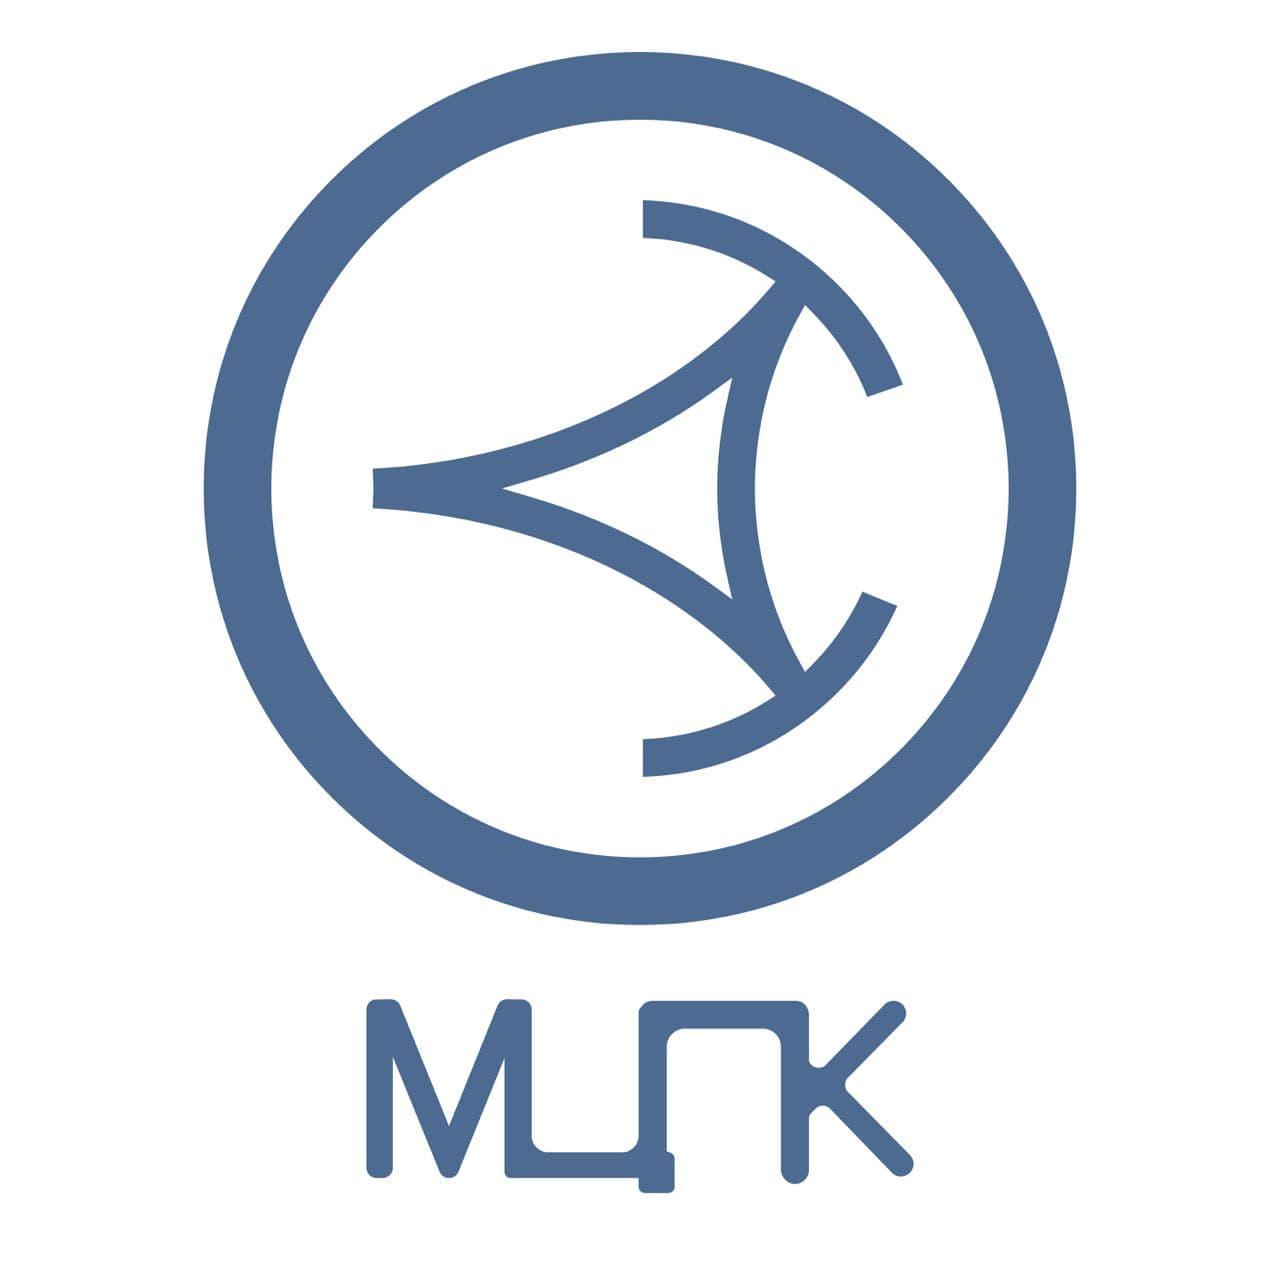 logomcpk